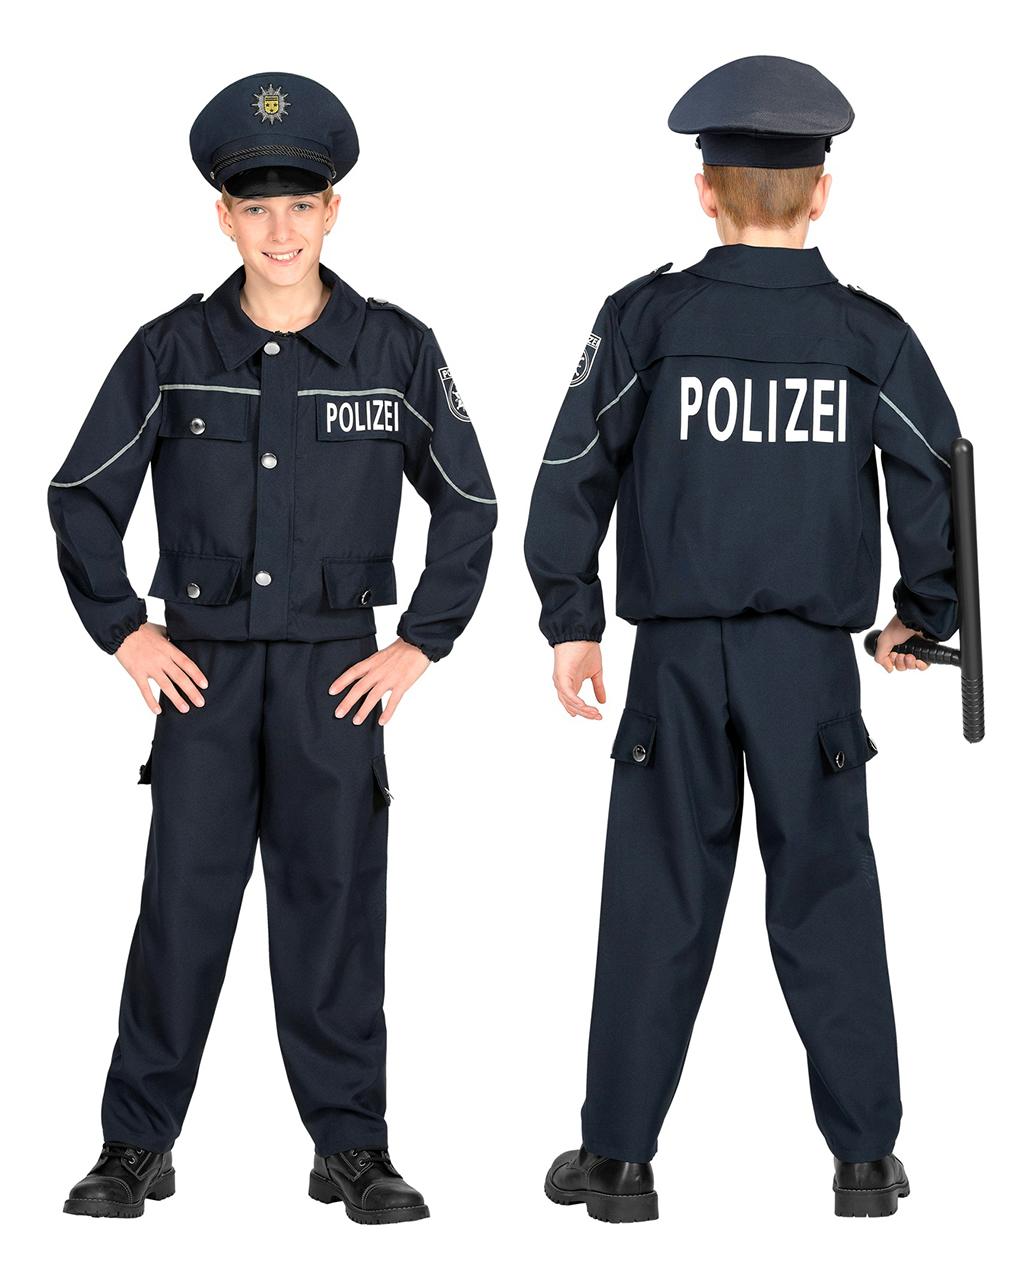 NEU Jungen Karneval Fasching Police Officer Polizist Polizei Kinder Kostüm